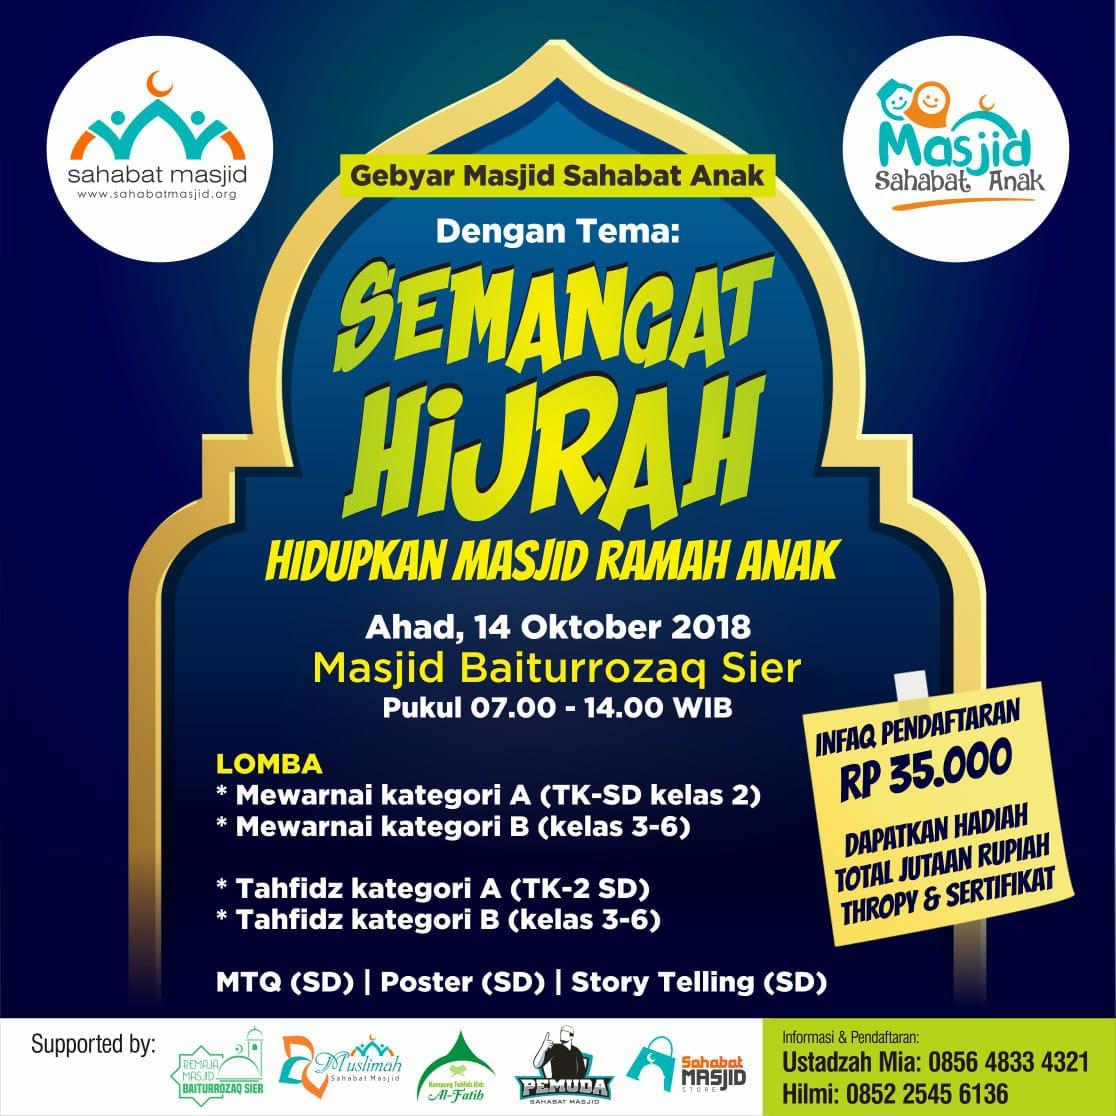 Cintai Masjid Sejak Dini Masjid Sahabat Anak Gelar Lomba Di Masjid Sahabat Masjid Indonesia